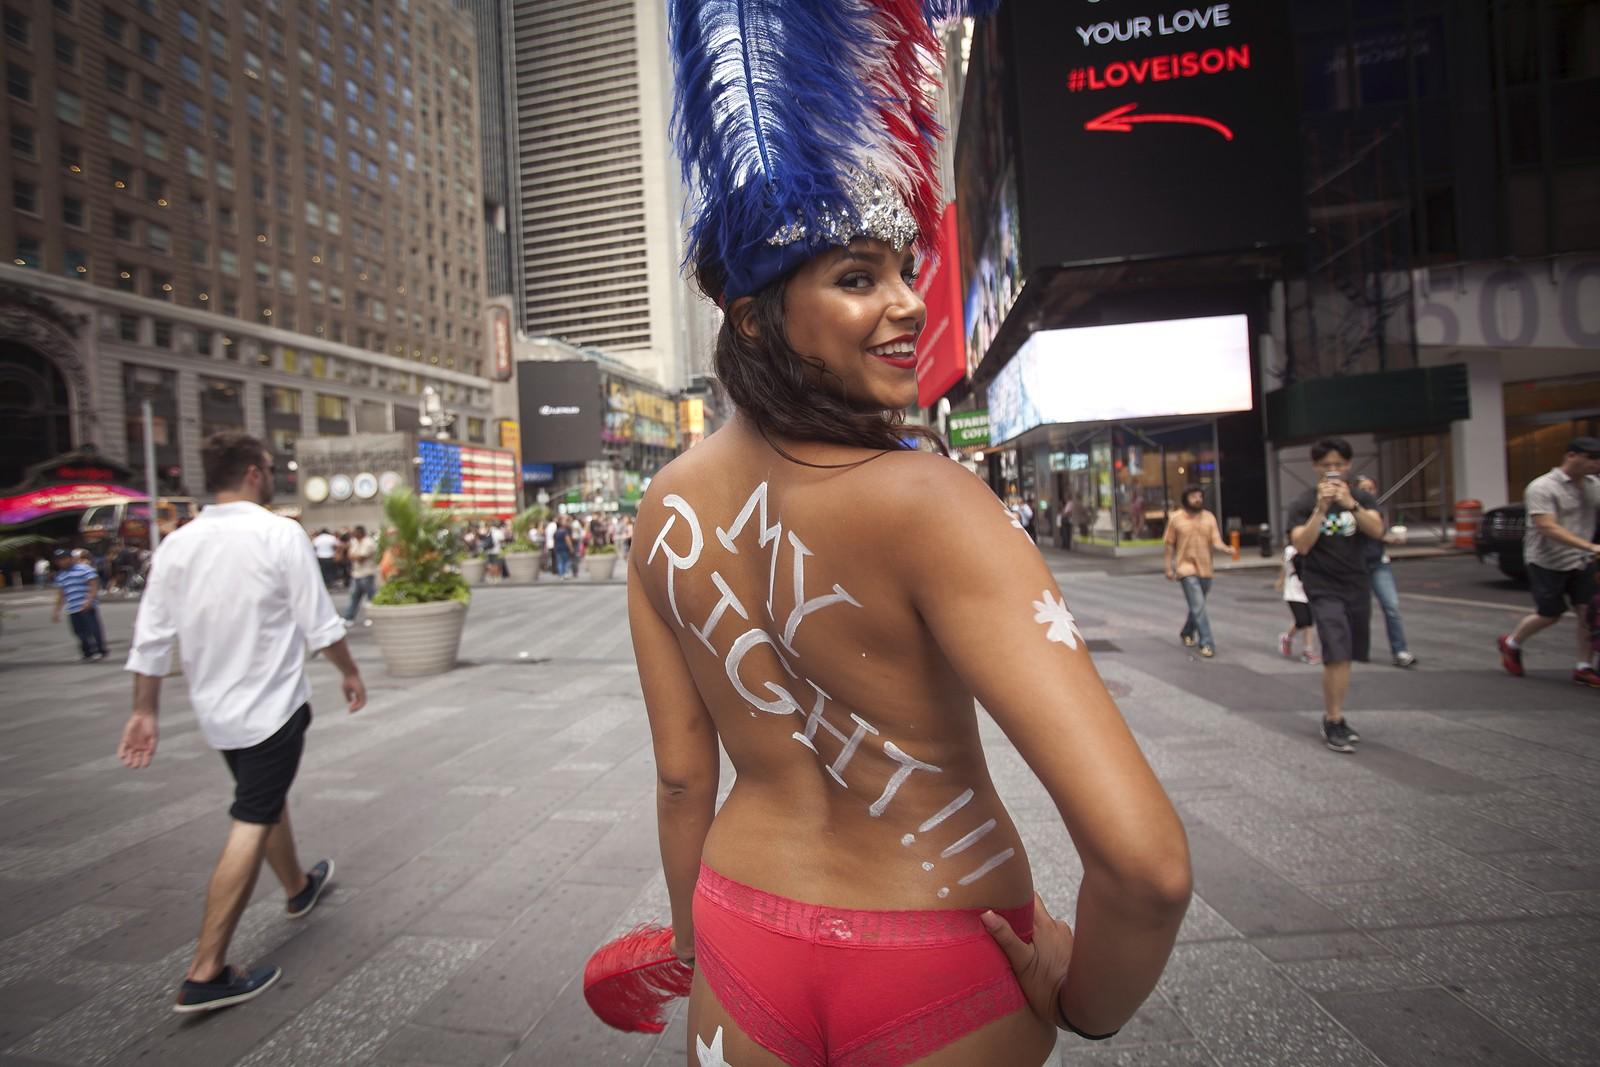 New Yorks borgermester har signalisert at byen vil slå ned på toppløse modeller på Times Square, da han mener de skremmer vekk familier. Modellene stiller opp på bilder med turister mot betaling ikledd kostymer og kroppsmaling.